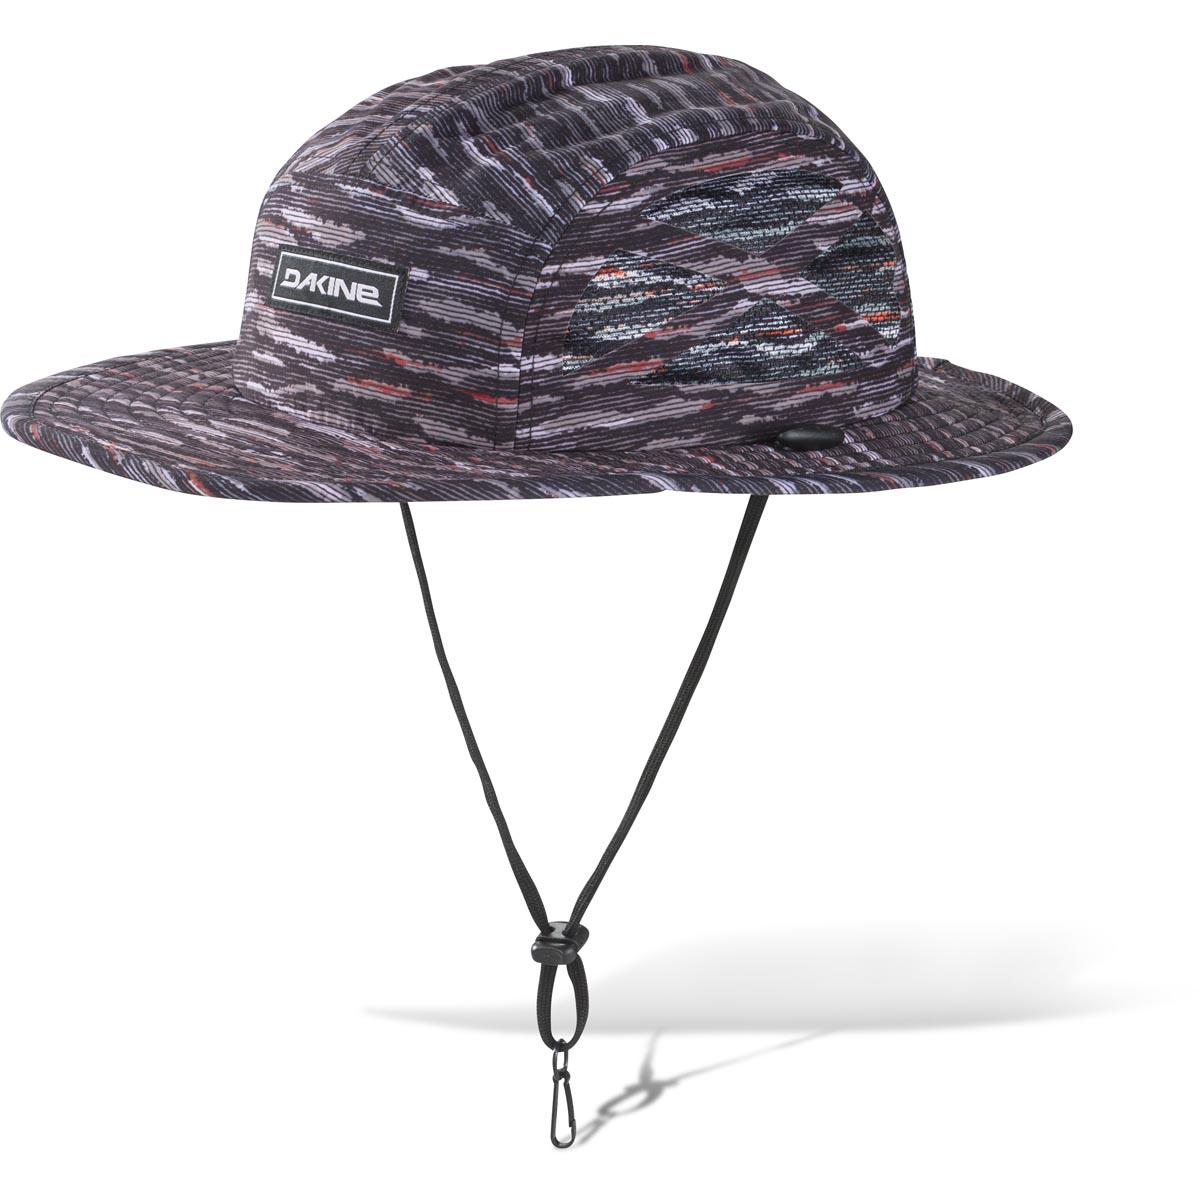 f441615adfd Dakine Kahu Surf Hat Hut Static